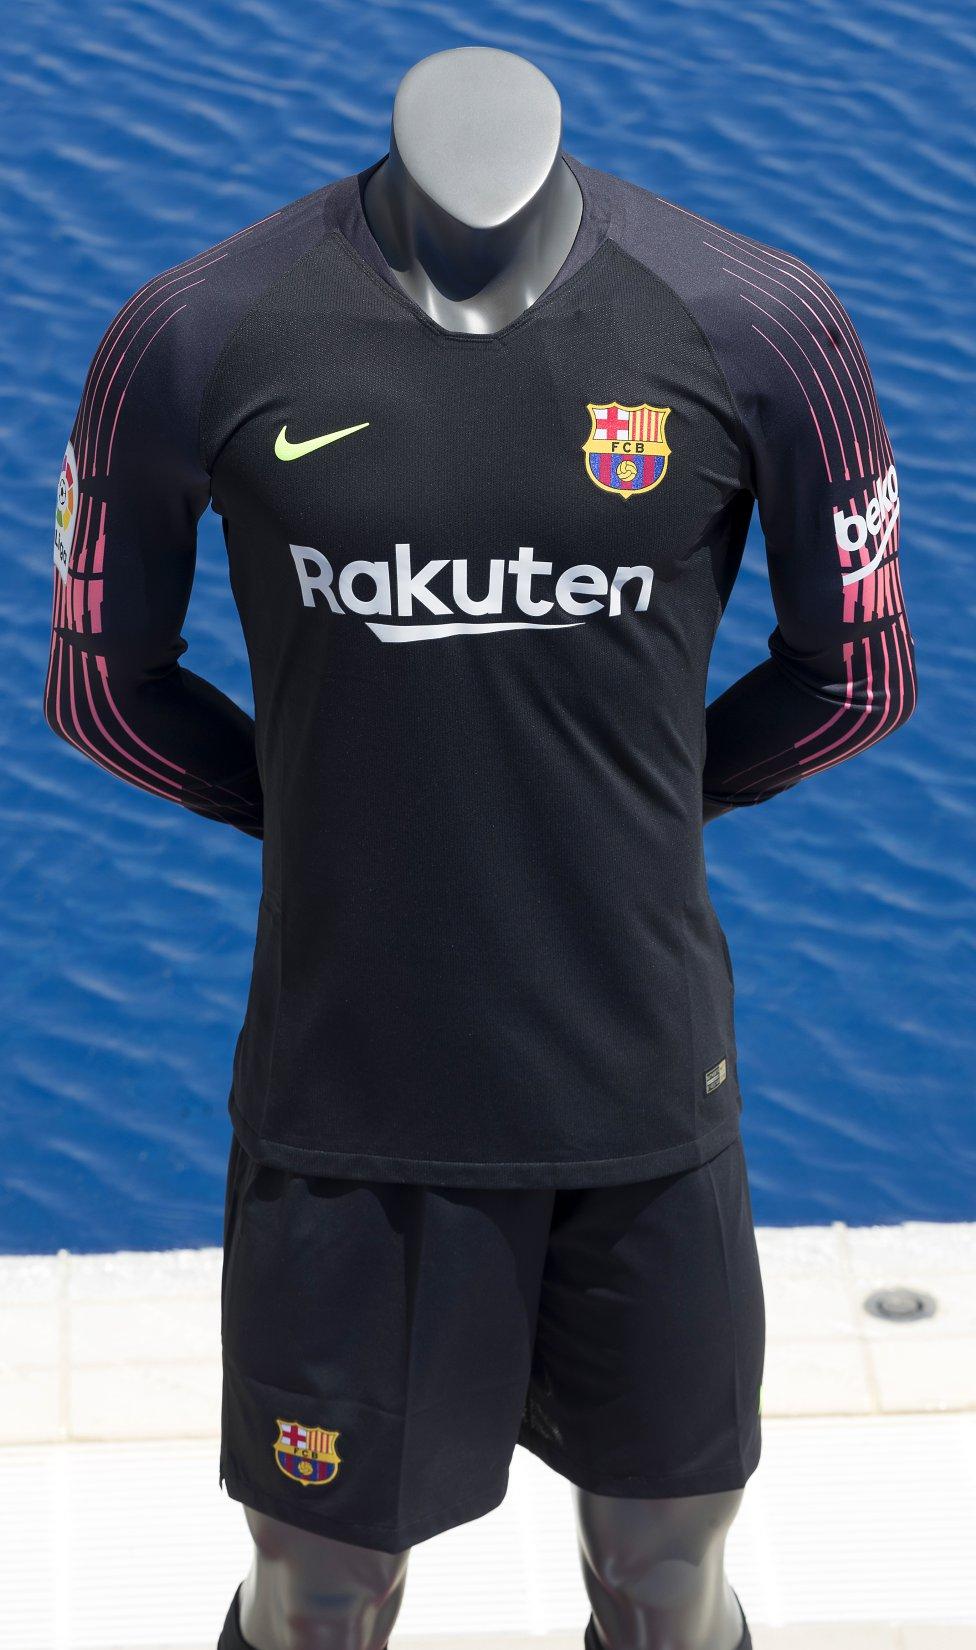 حفل تقديم القميص الجديد لنادي برشلونة لموسم 2018-2019 1526726915_488256_1526731185_album_grande